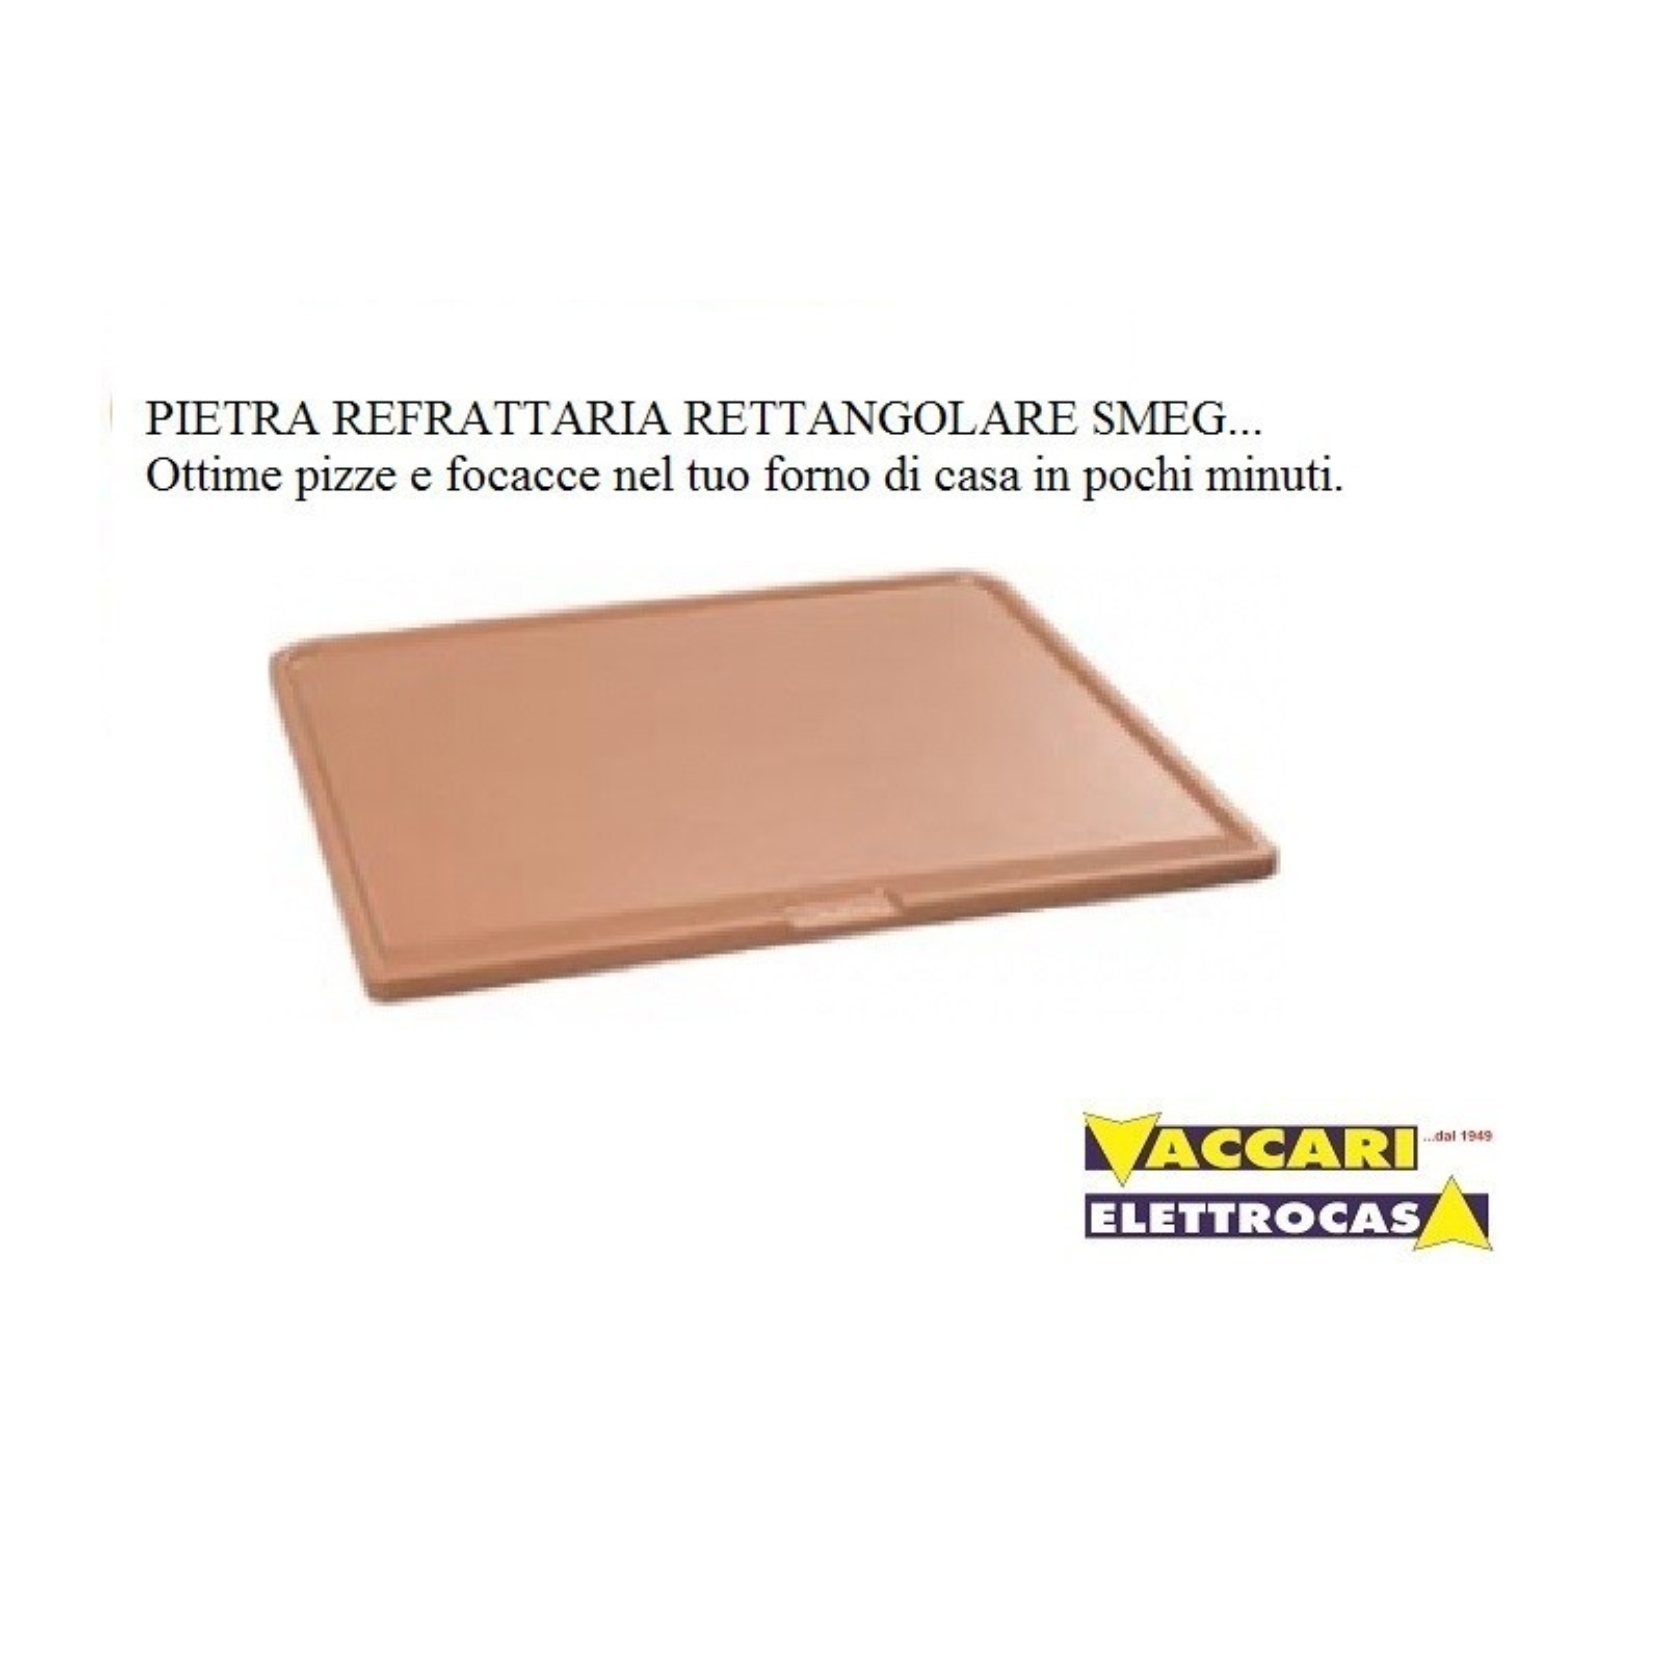 Pietra refrattaria rettangolare cottura pizza in forno di - Forno con pietra refrattaria ...